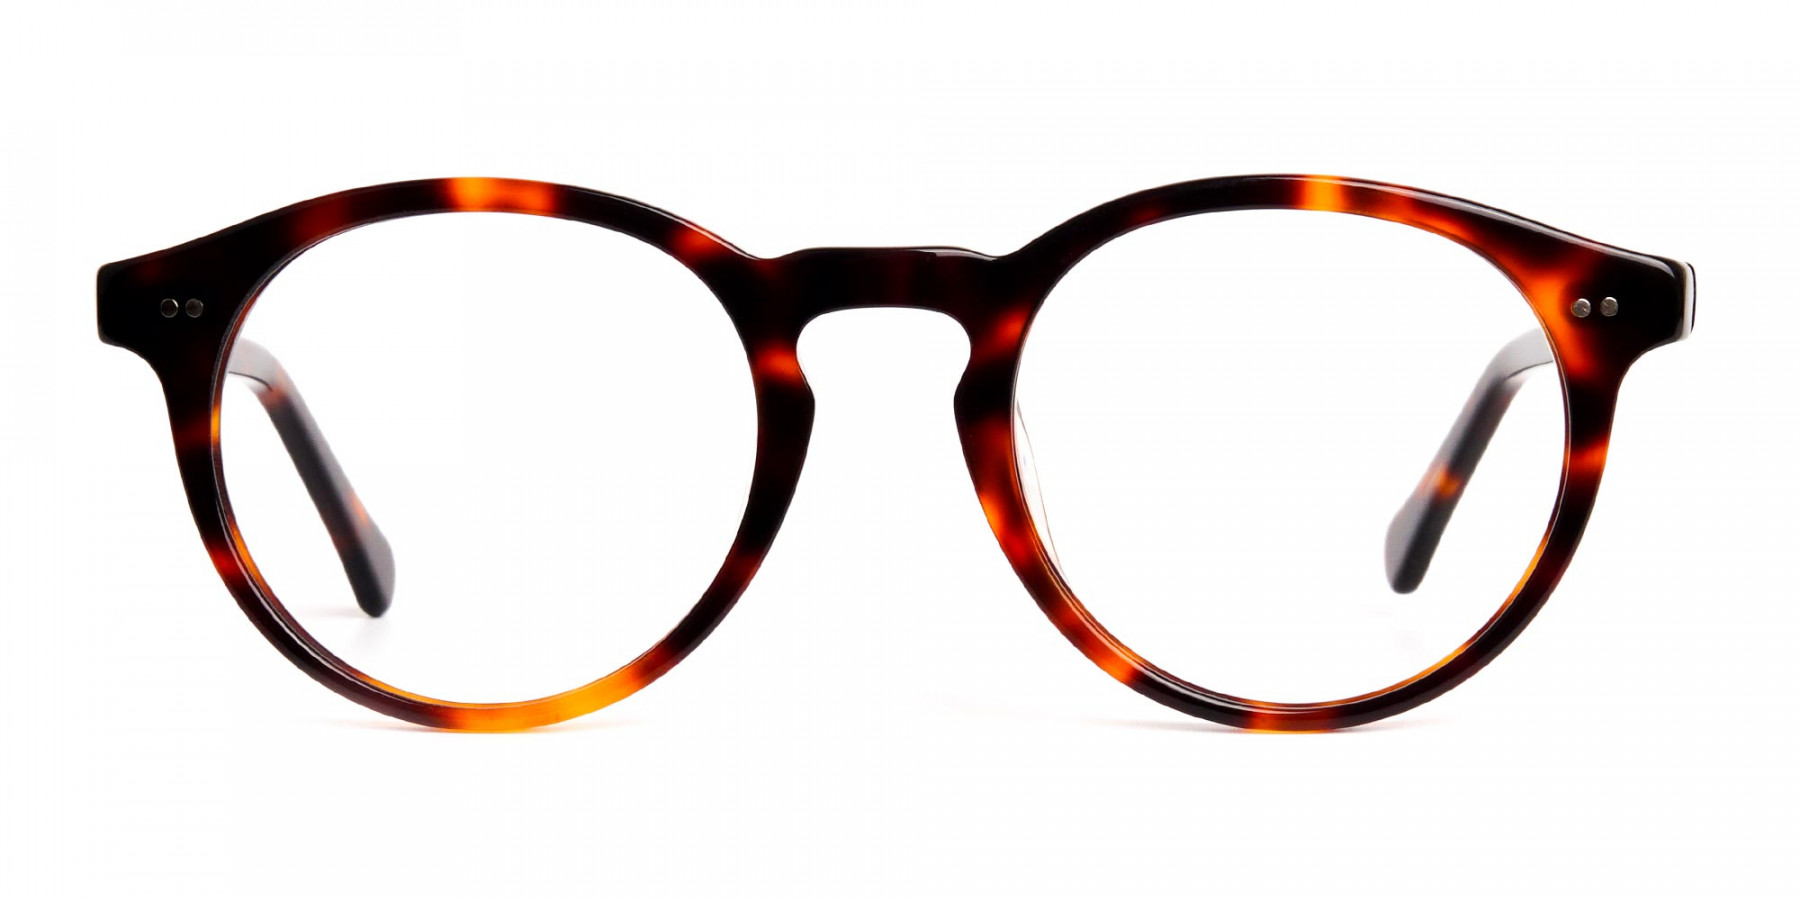 tortoise-shell-round-full-rim-glasses-frames-1